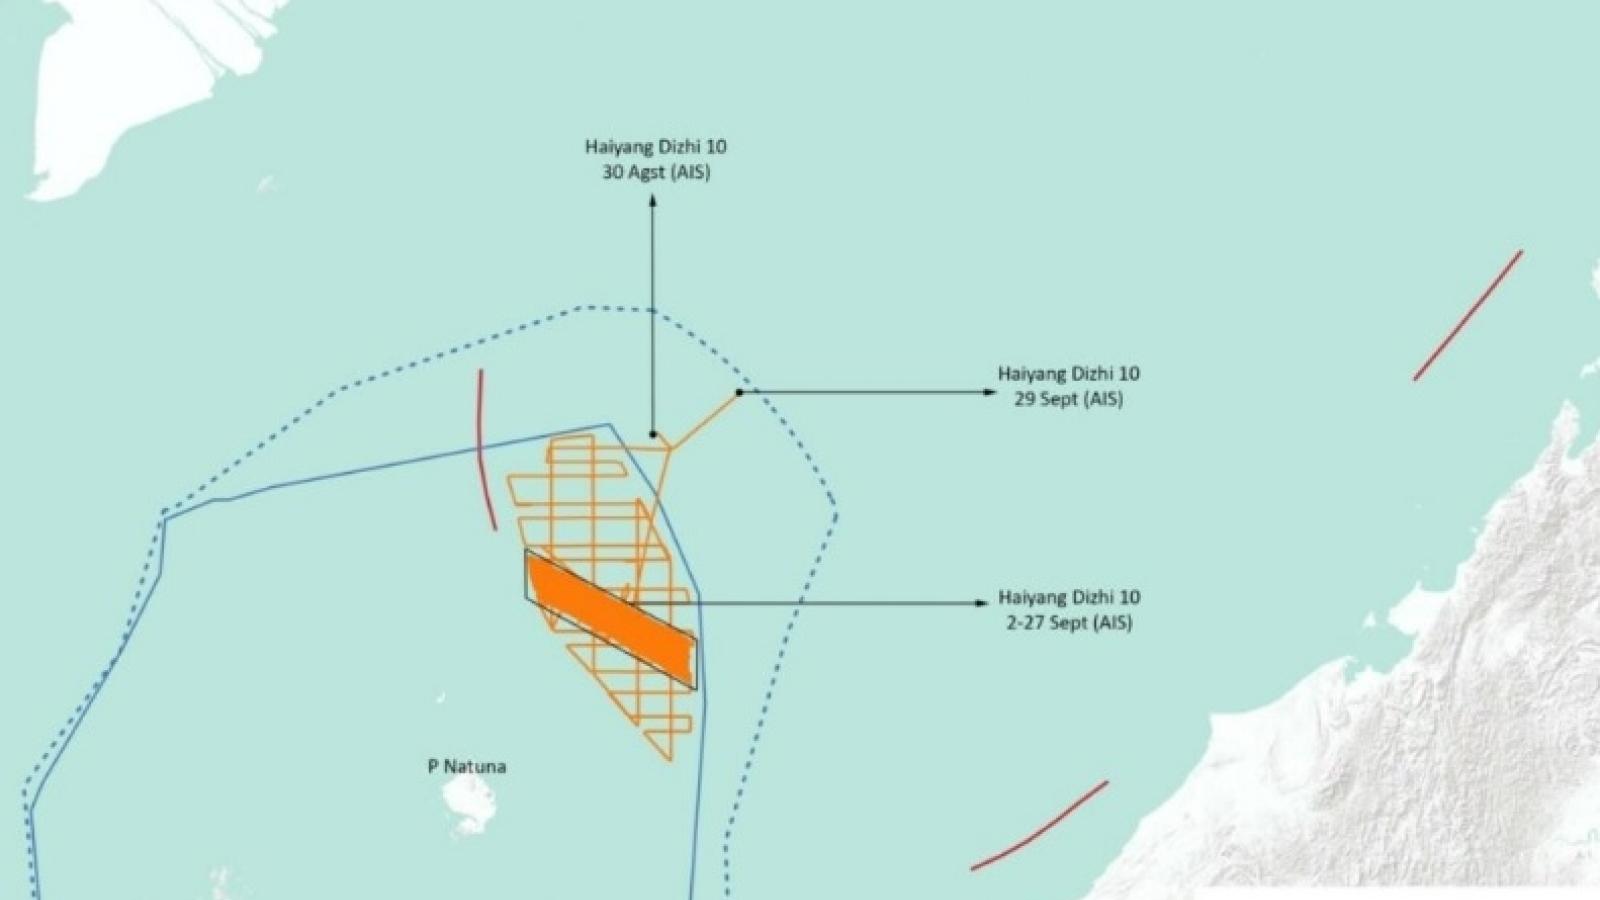 Indonesia phản ứng trước hoạt động đáng ngờ của tàu khảo sát Trung Quốc